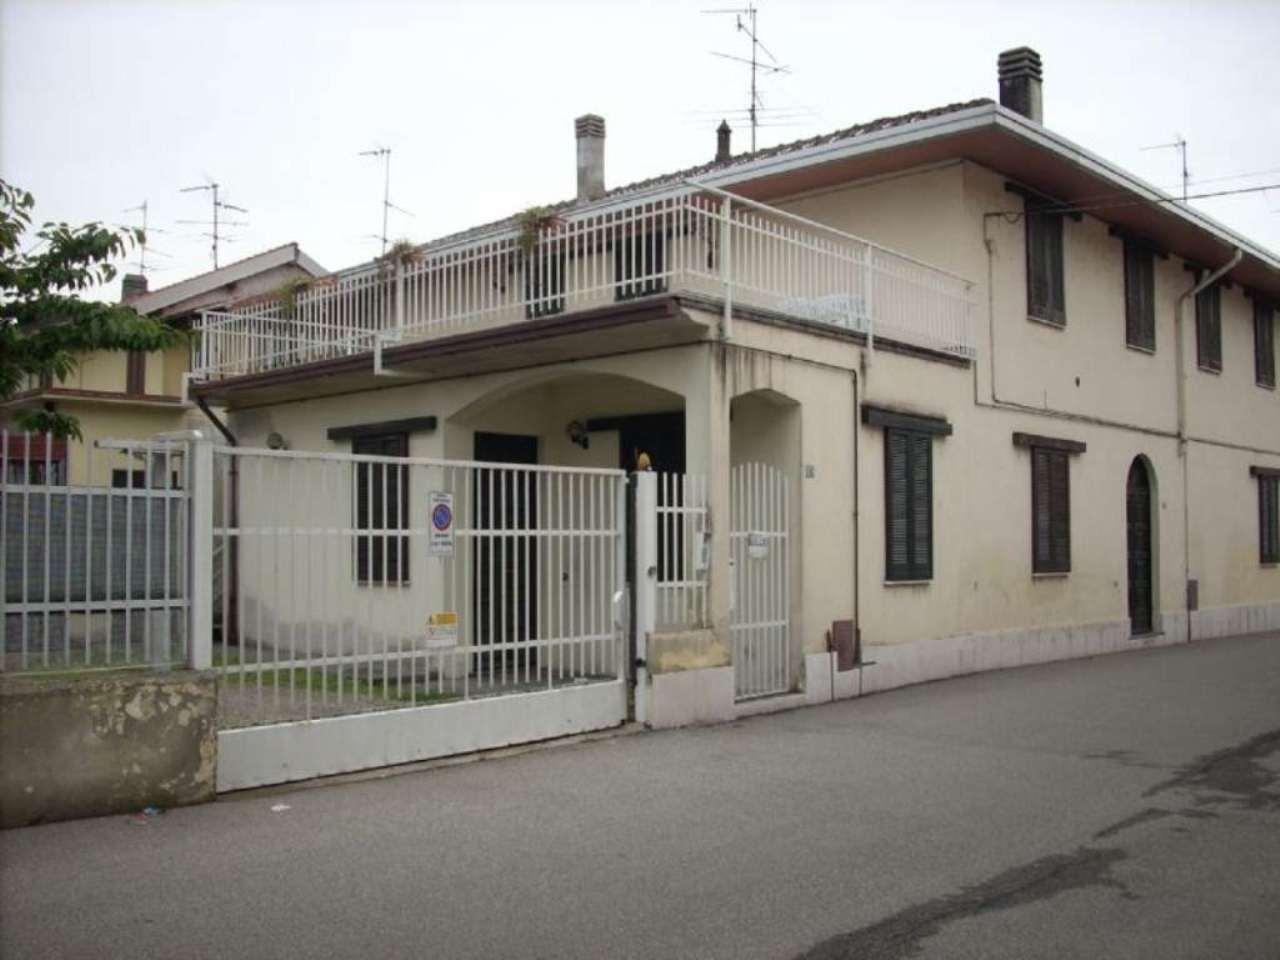 Villa in vendita a Vanzaghello, 6 locali, prezzo € 245.000 | CambioCasa.it